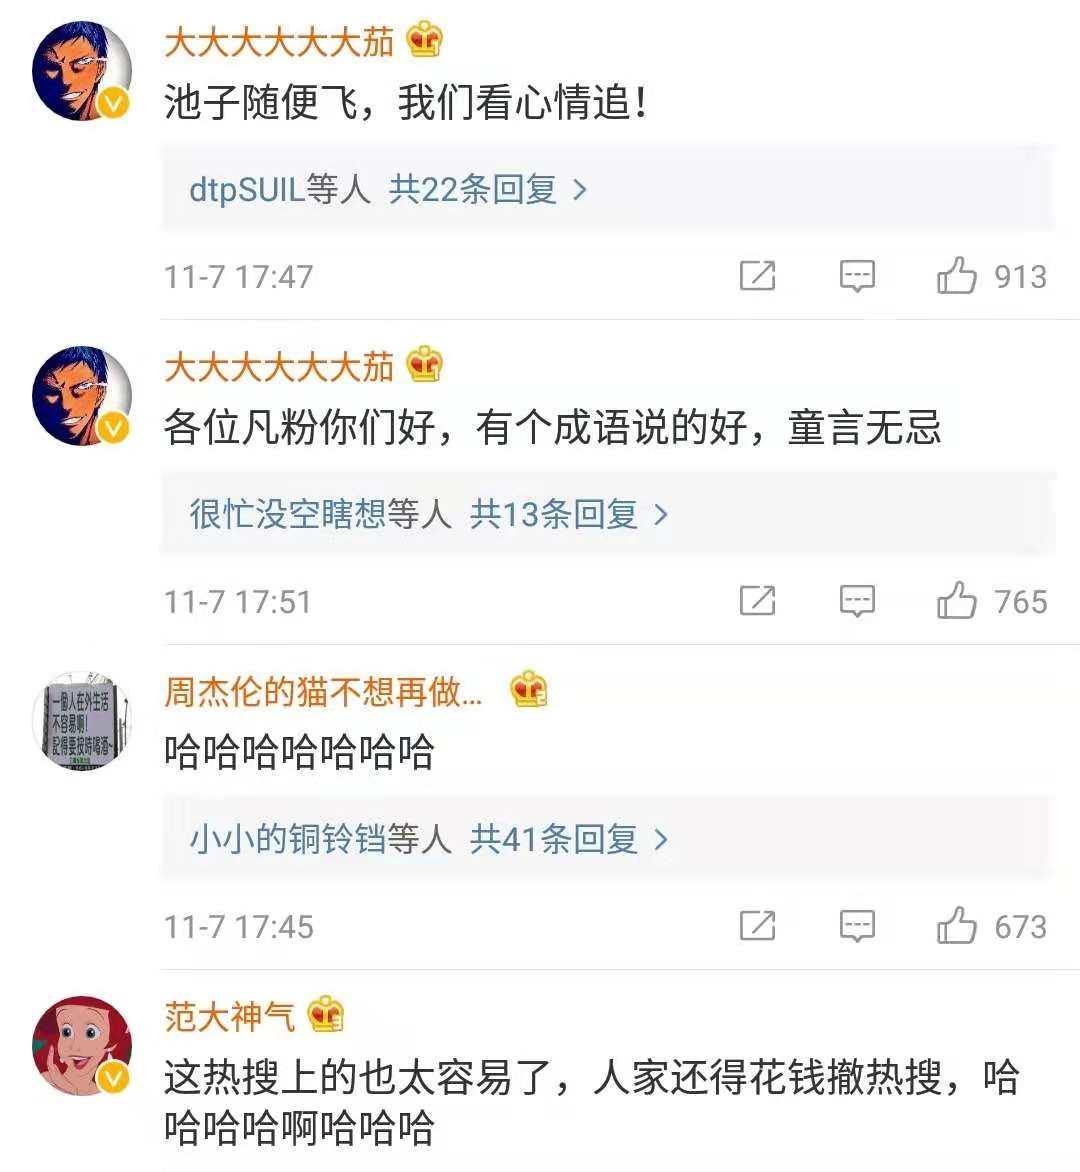 池子針對吳亦凡粉絲鄭重發表聲明?網友:什么鬼!